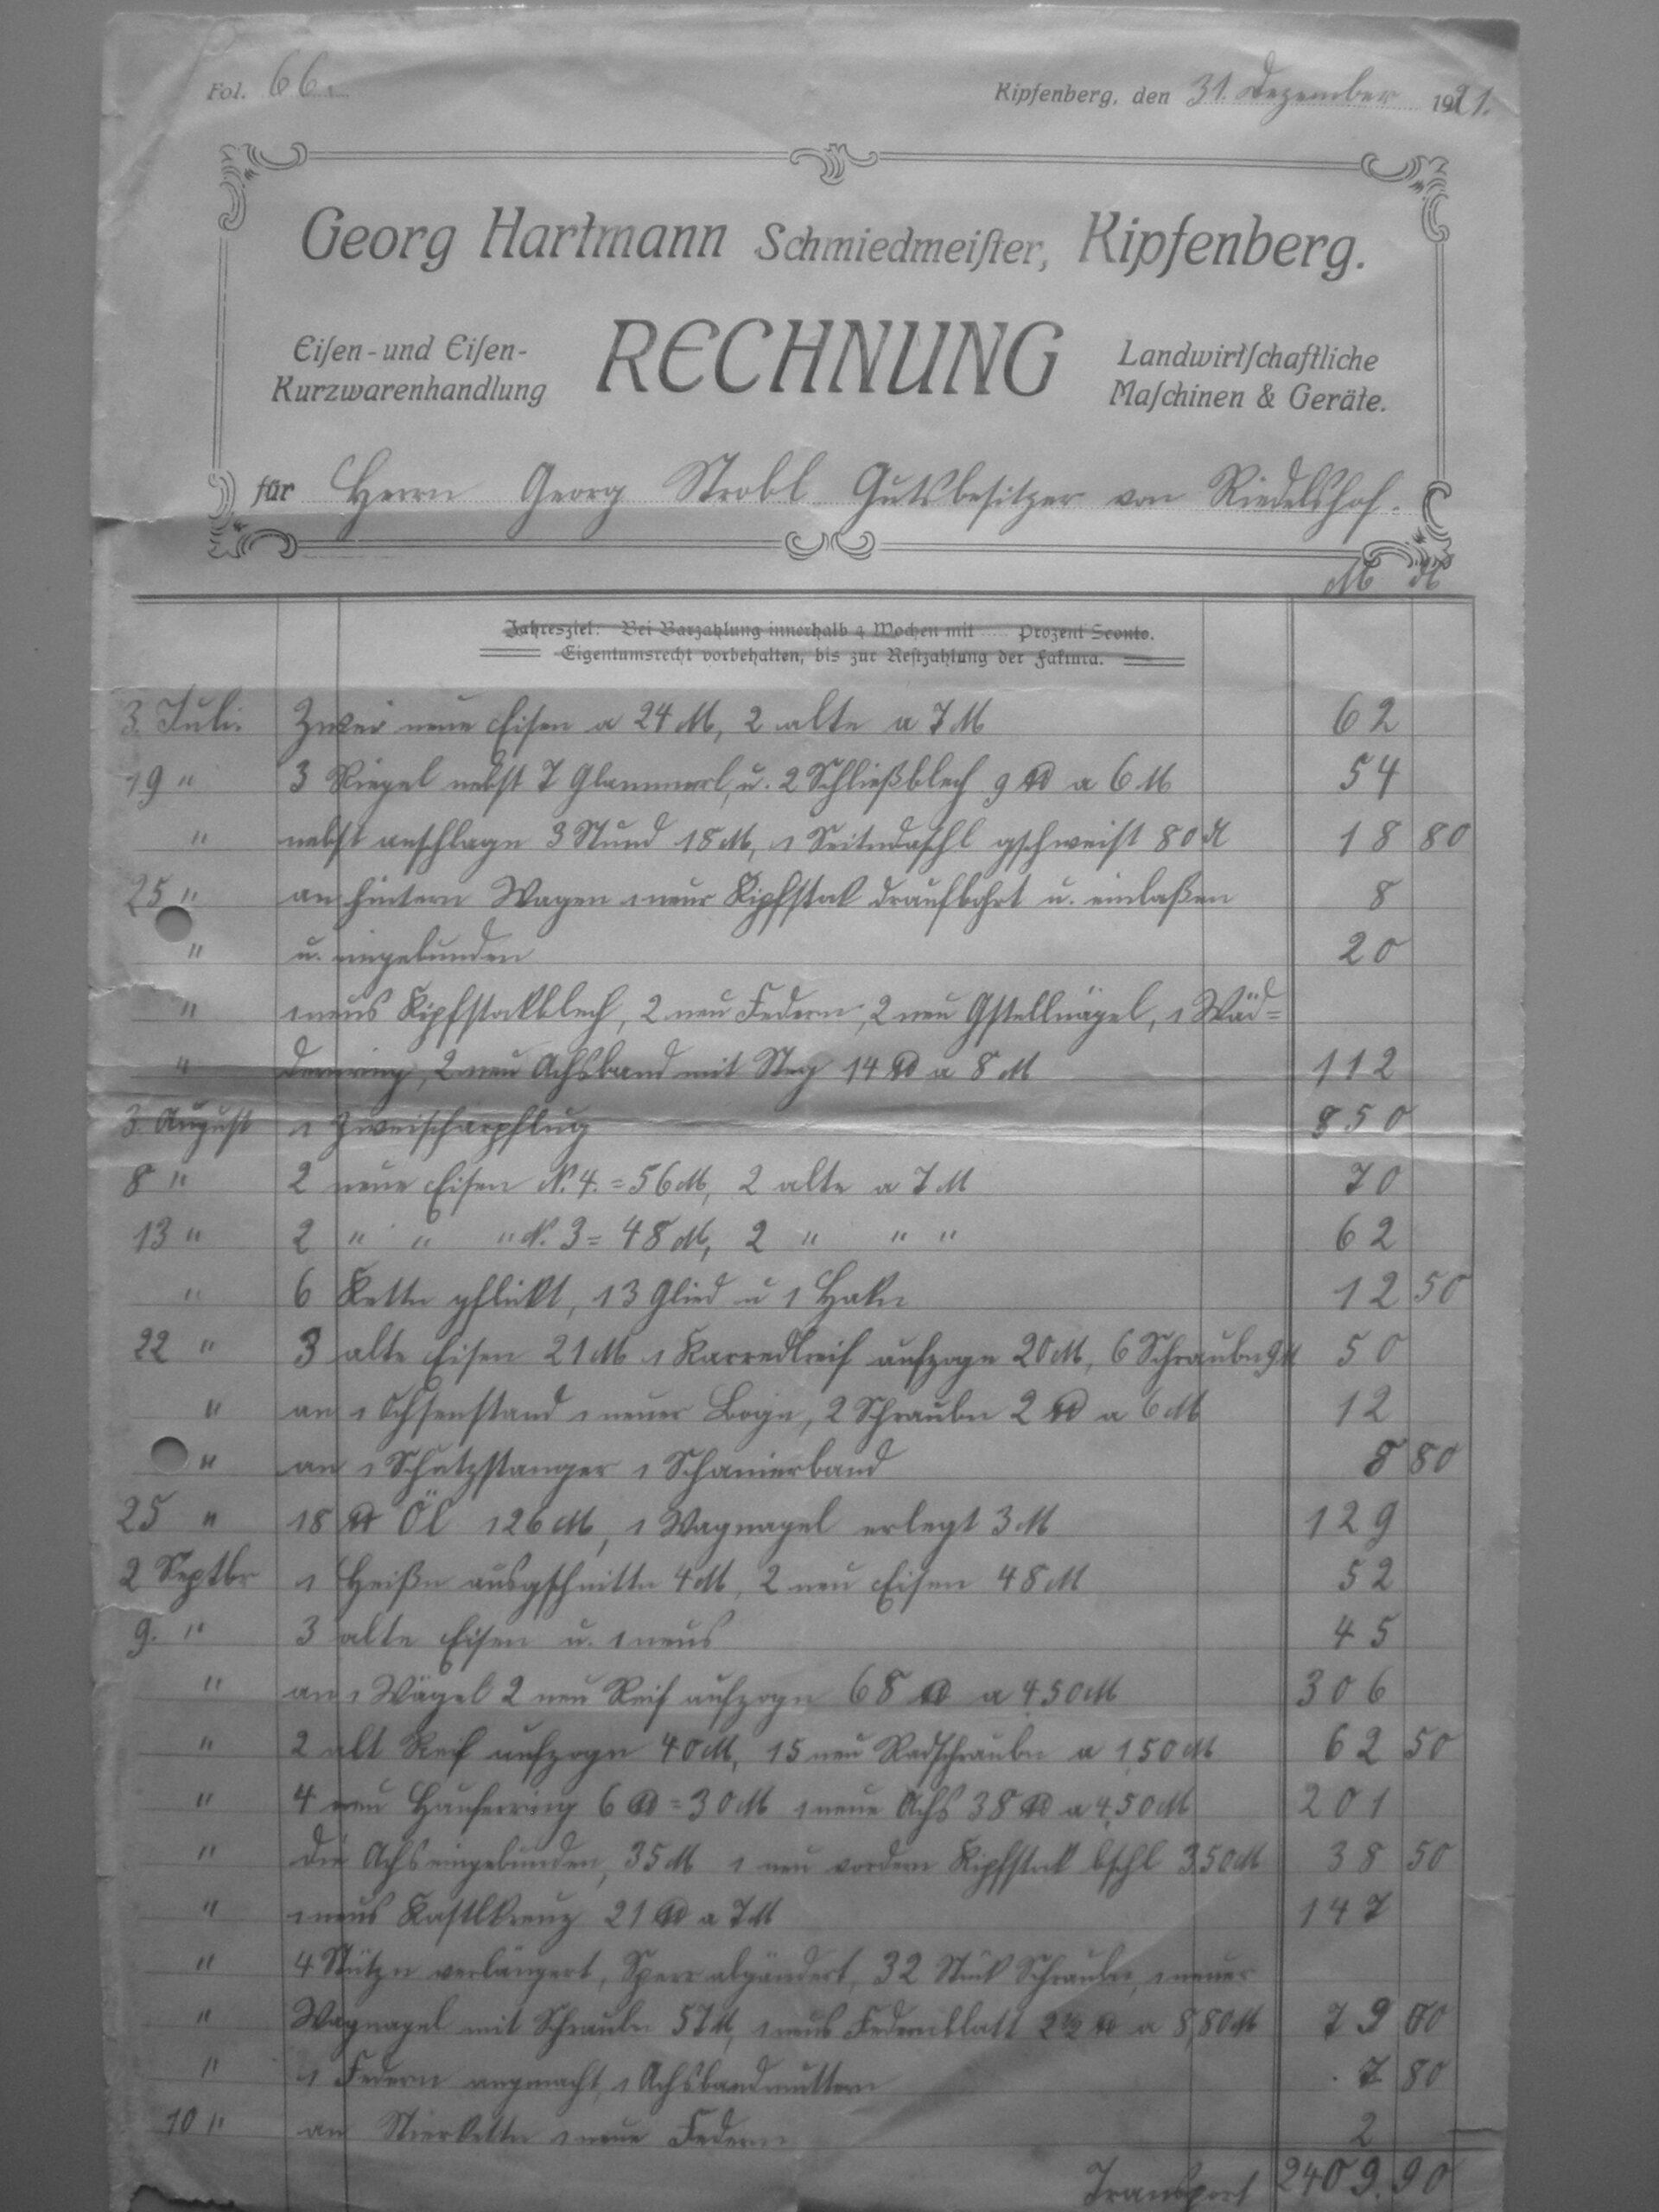 20 Hartmann Rechnung